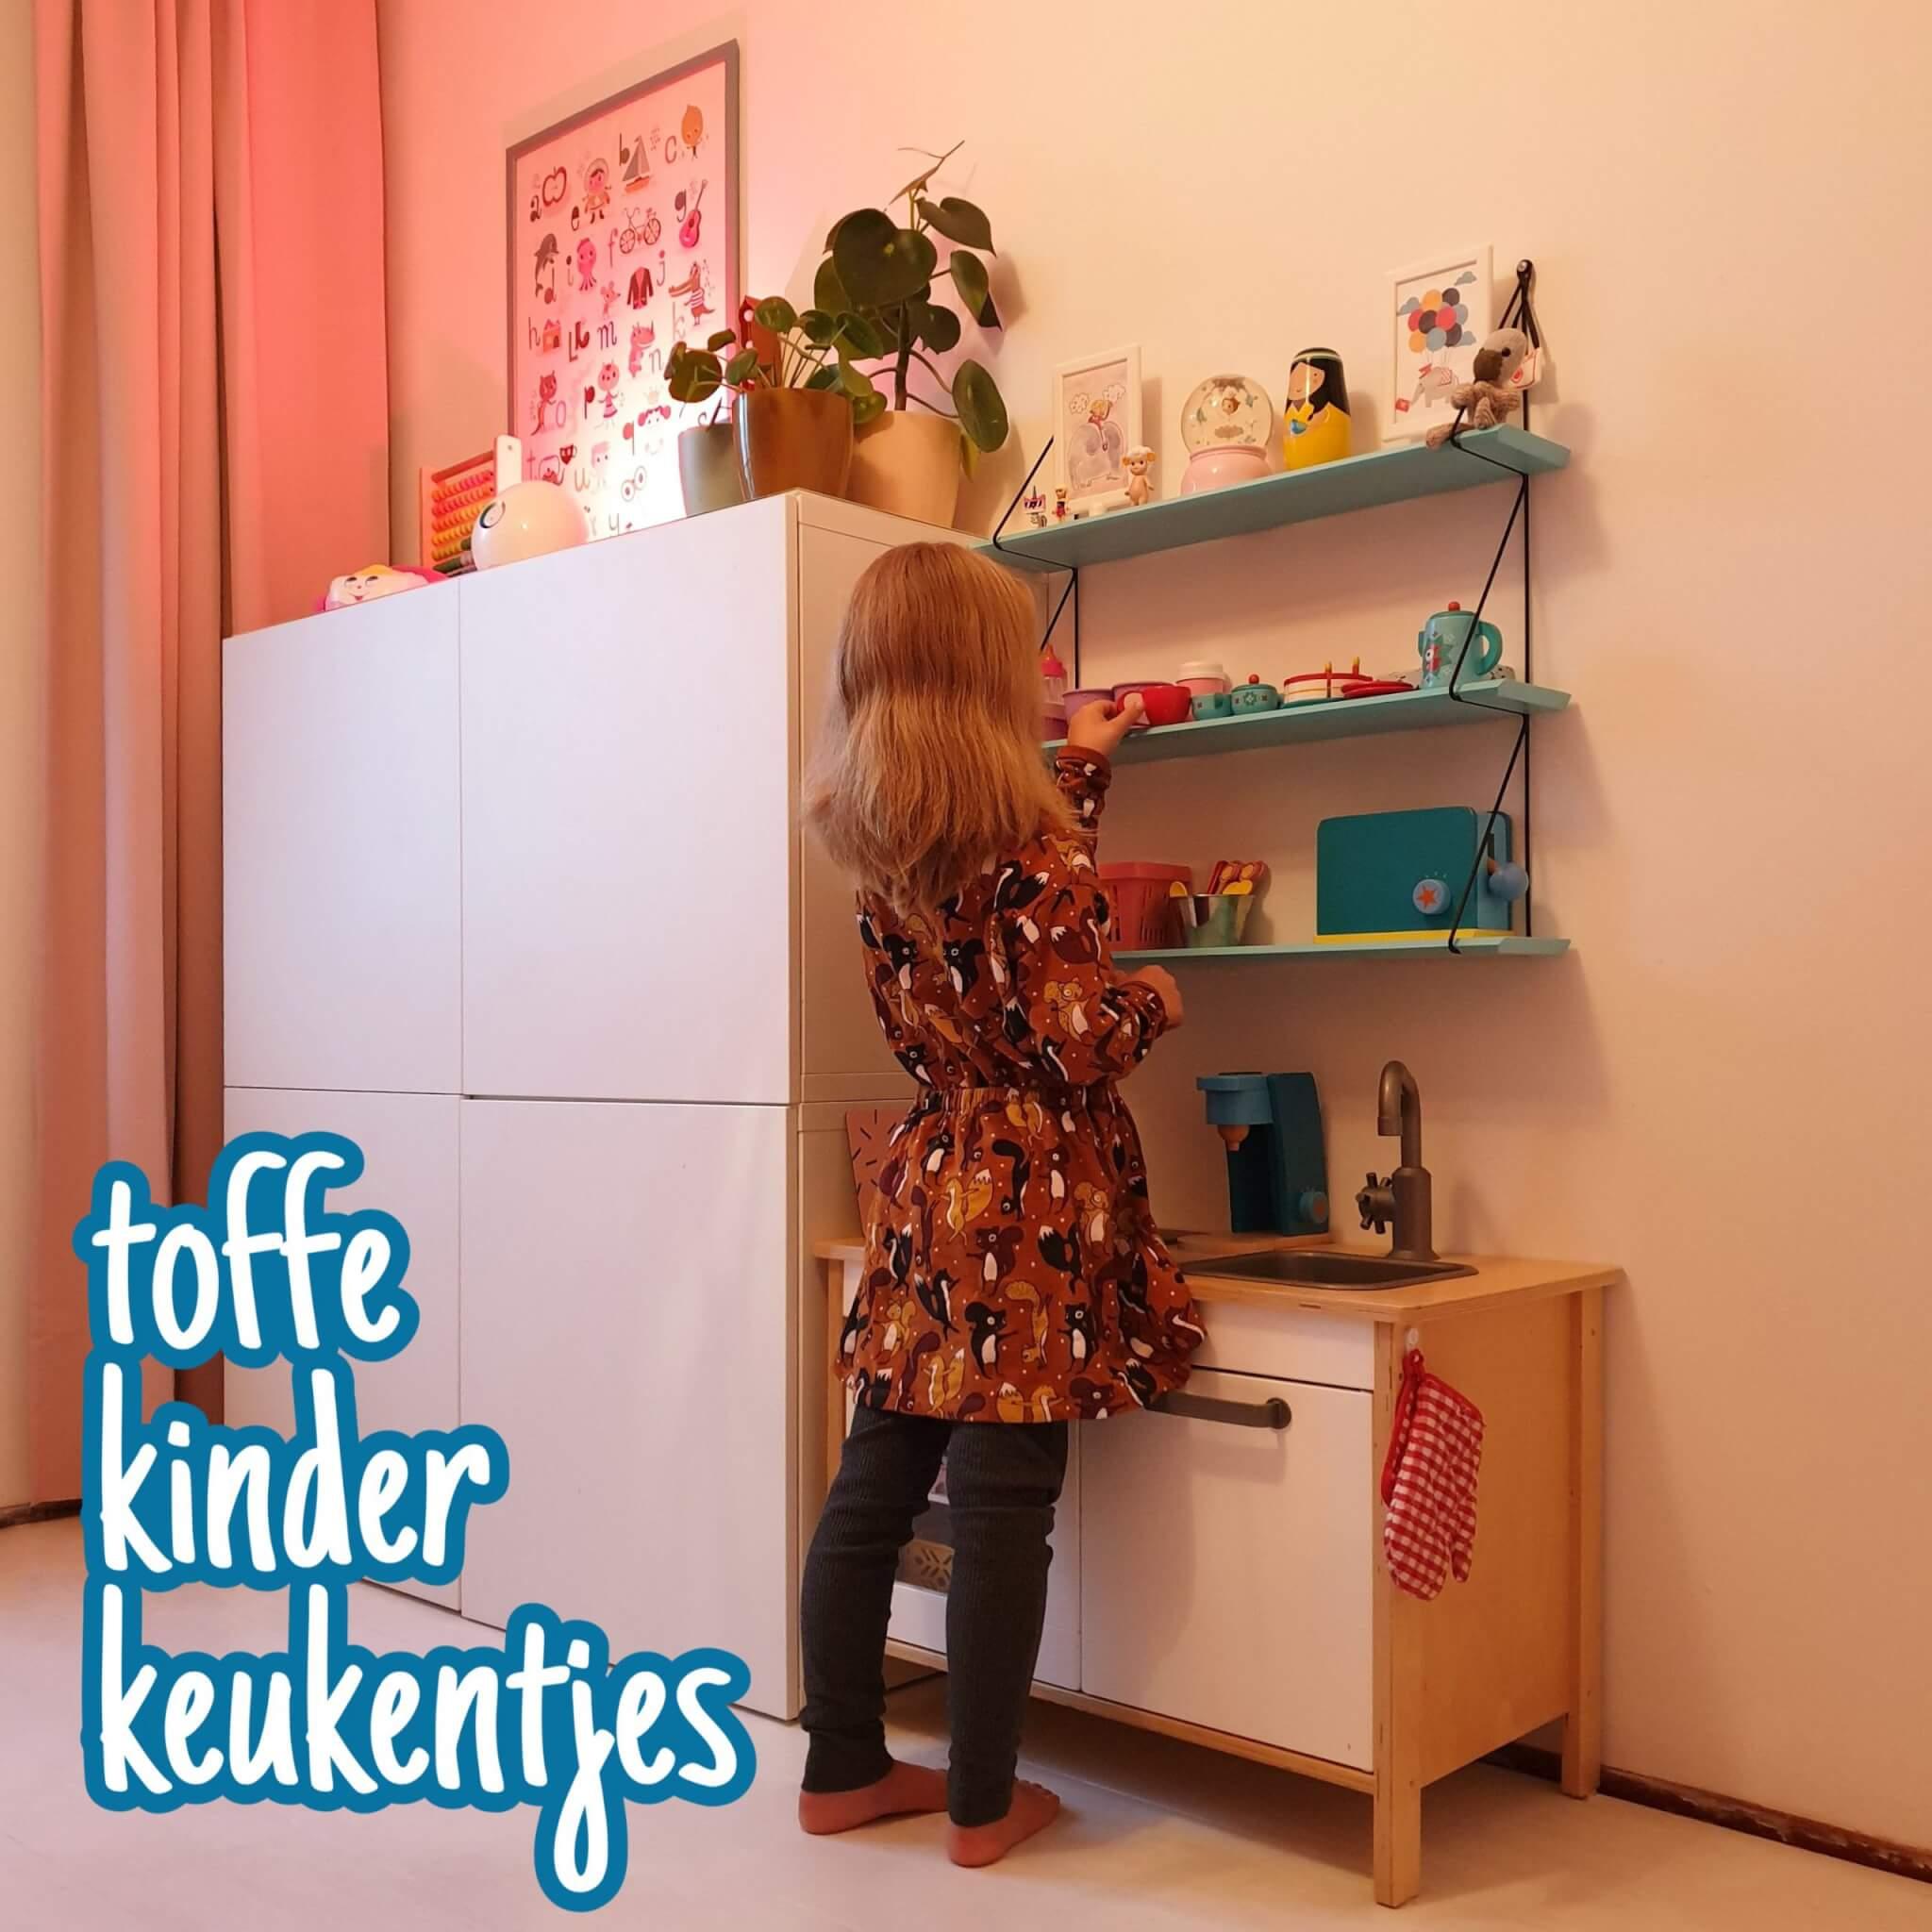 De leukste kinderkeukentjes, zelf gemaakt of gekocht